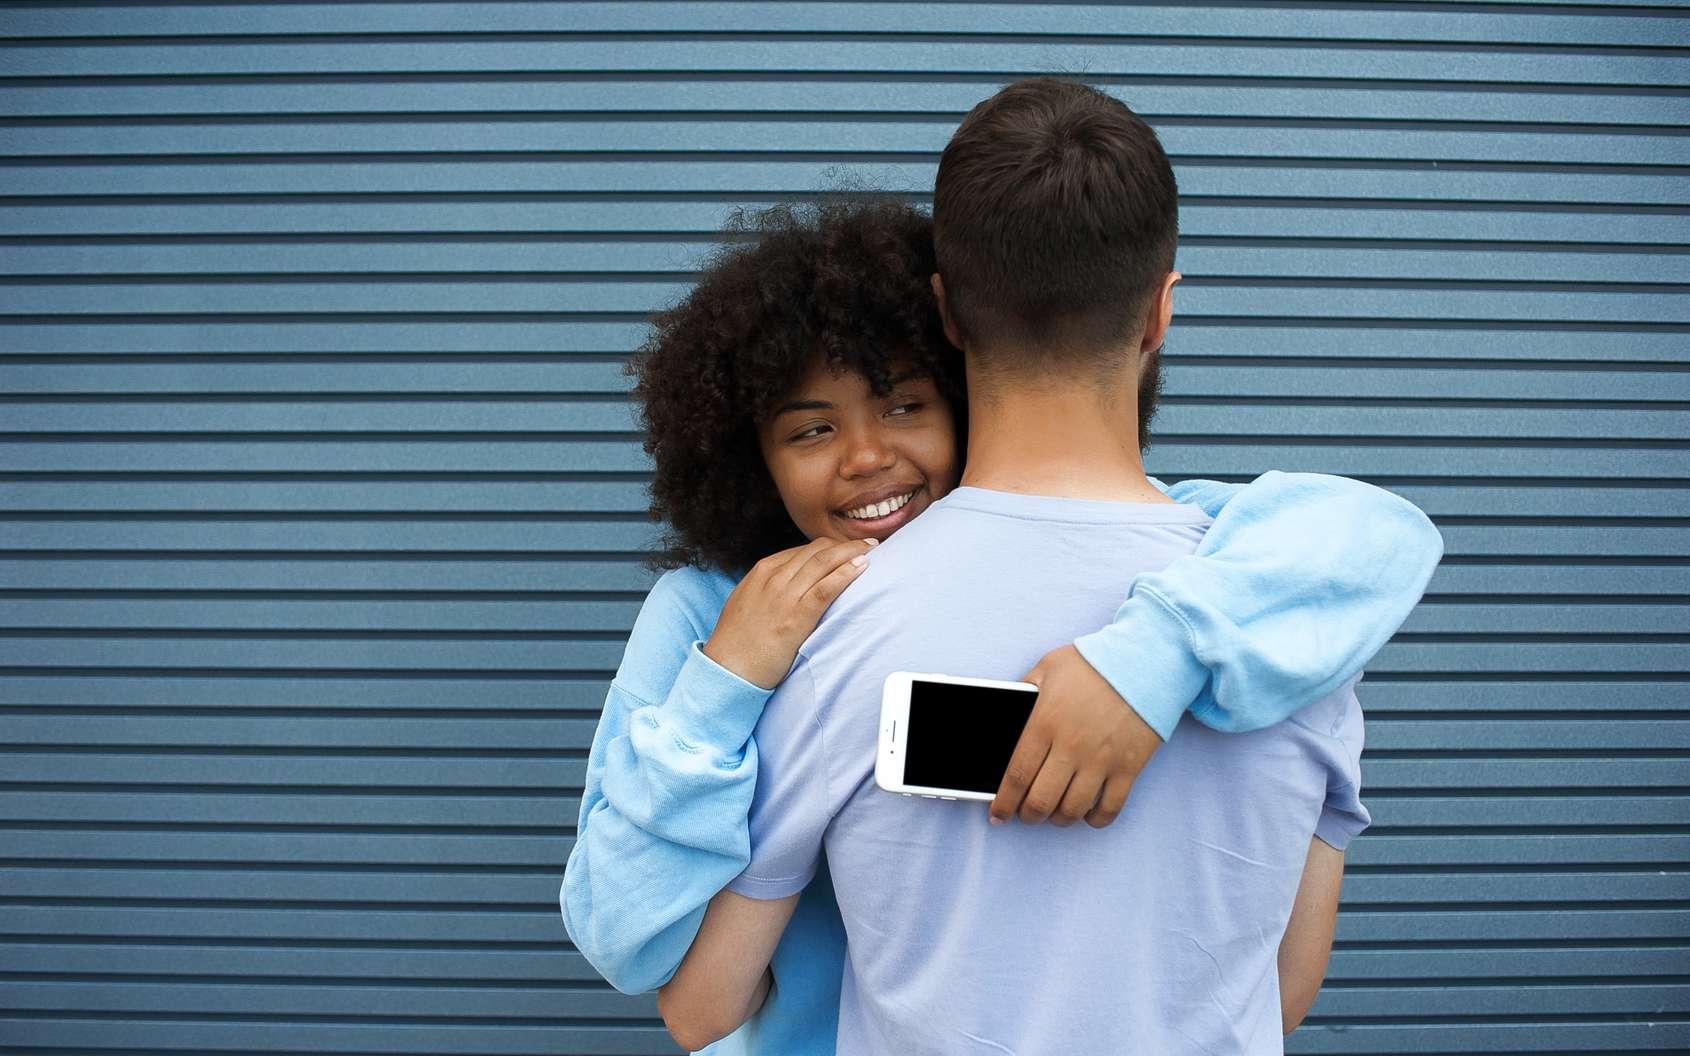 On dit souvent que l'amour ne dure que 3 ans. Cette assertion pourrait trouver une justification scientifique. Ce délai correspond plus ou moins au temps pendant lequel l'organisme sécrète de l'ocytocine lorsqu'on regarde l'autre. Sans tendresse, peu à peu, les productions diminuent. Mais pour les couples qui entretiennent la flamme, le taux grimpe de nouveau et l'amour peut durer. © vergor, fotolia